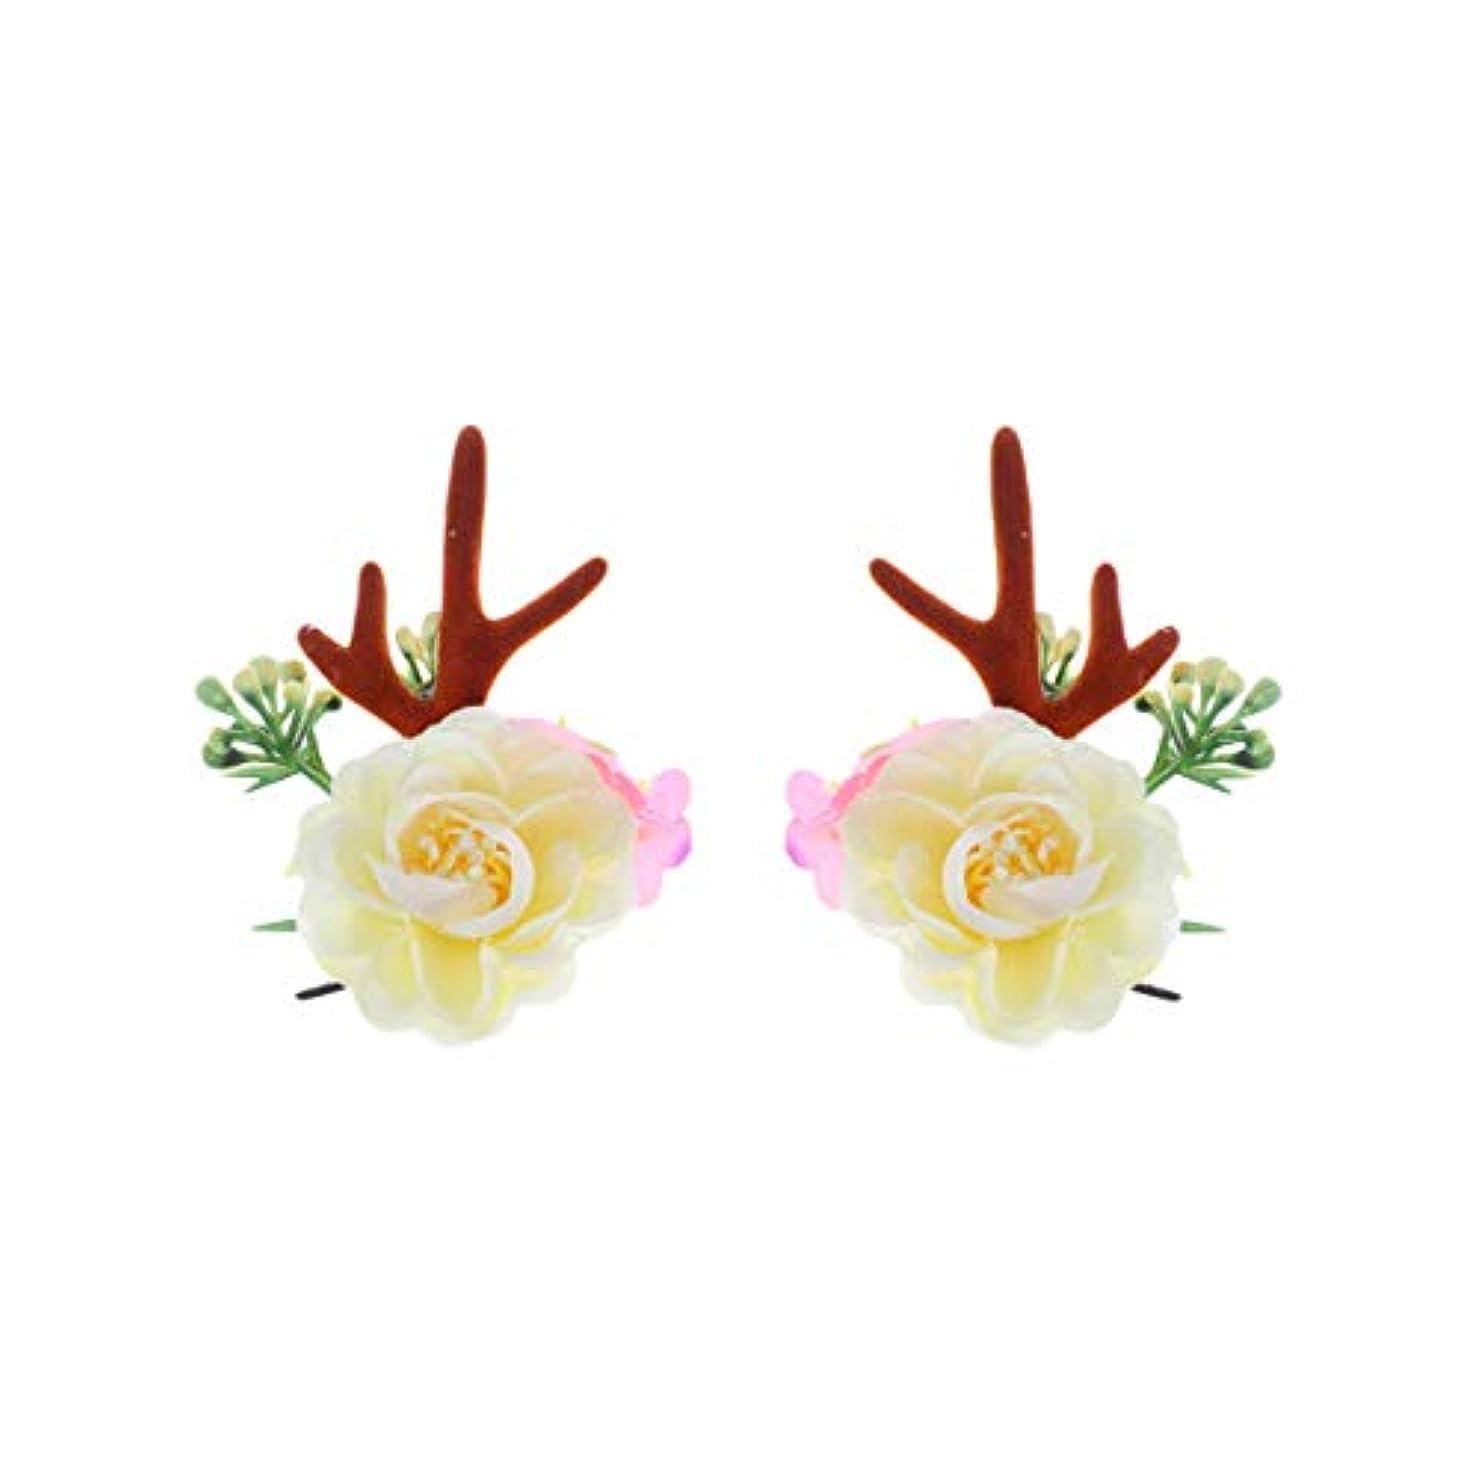 教室大使館休日Lurrose クリスマスヘアクリップアントラーズアントラーズヘアピンかわいいヘアアクセサリー女の子日常着パーティーデコレーション